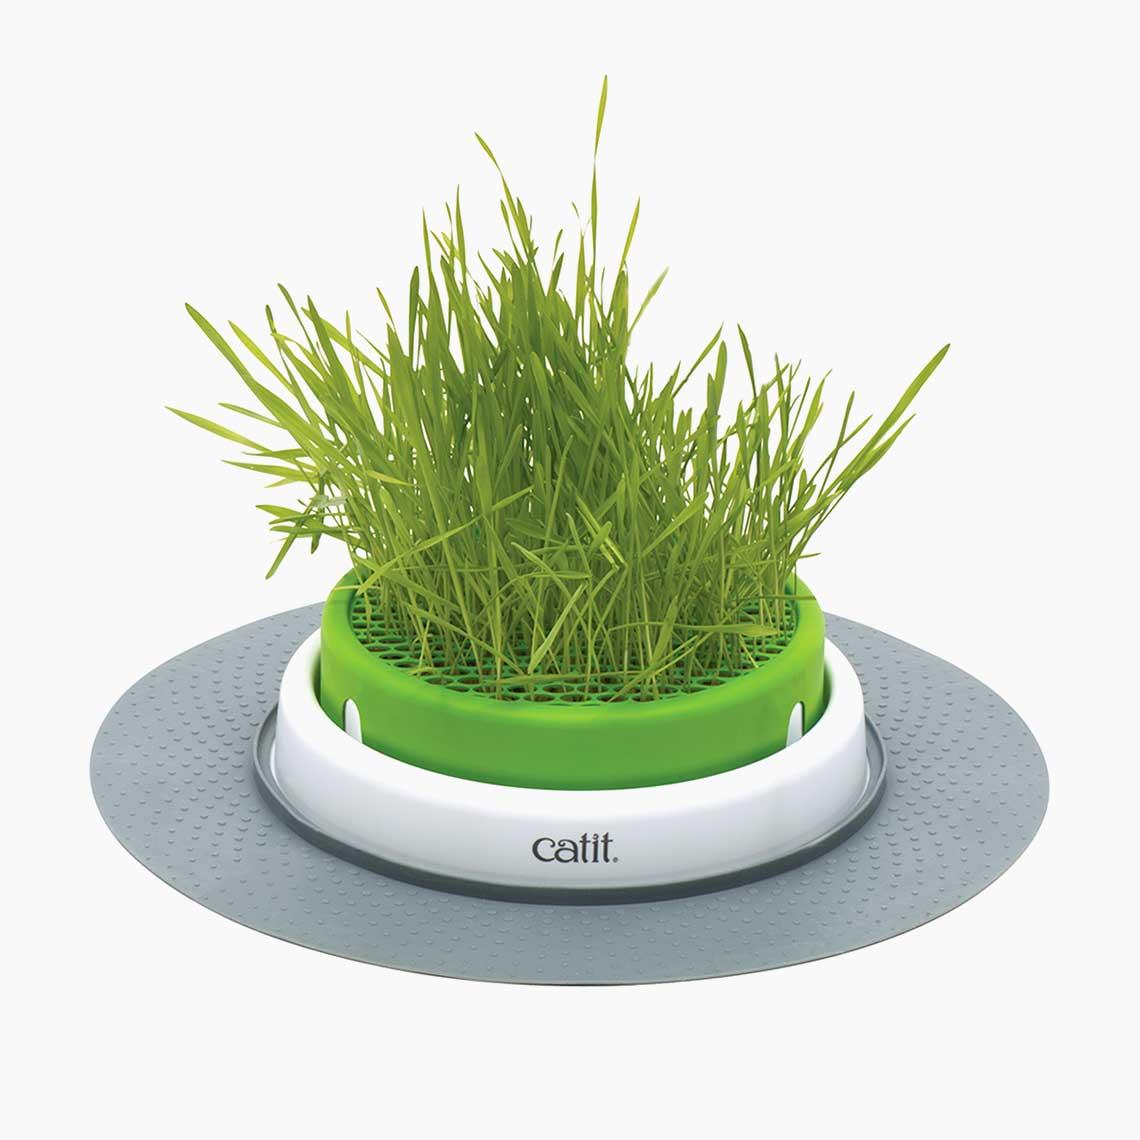 Senses 2.0 Grass Planter